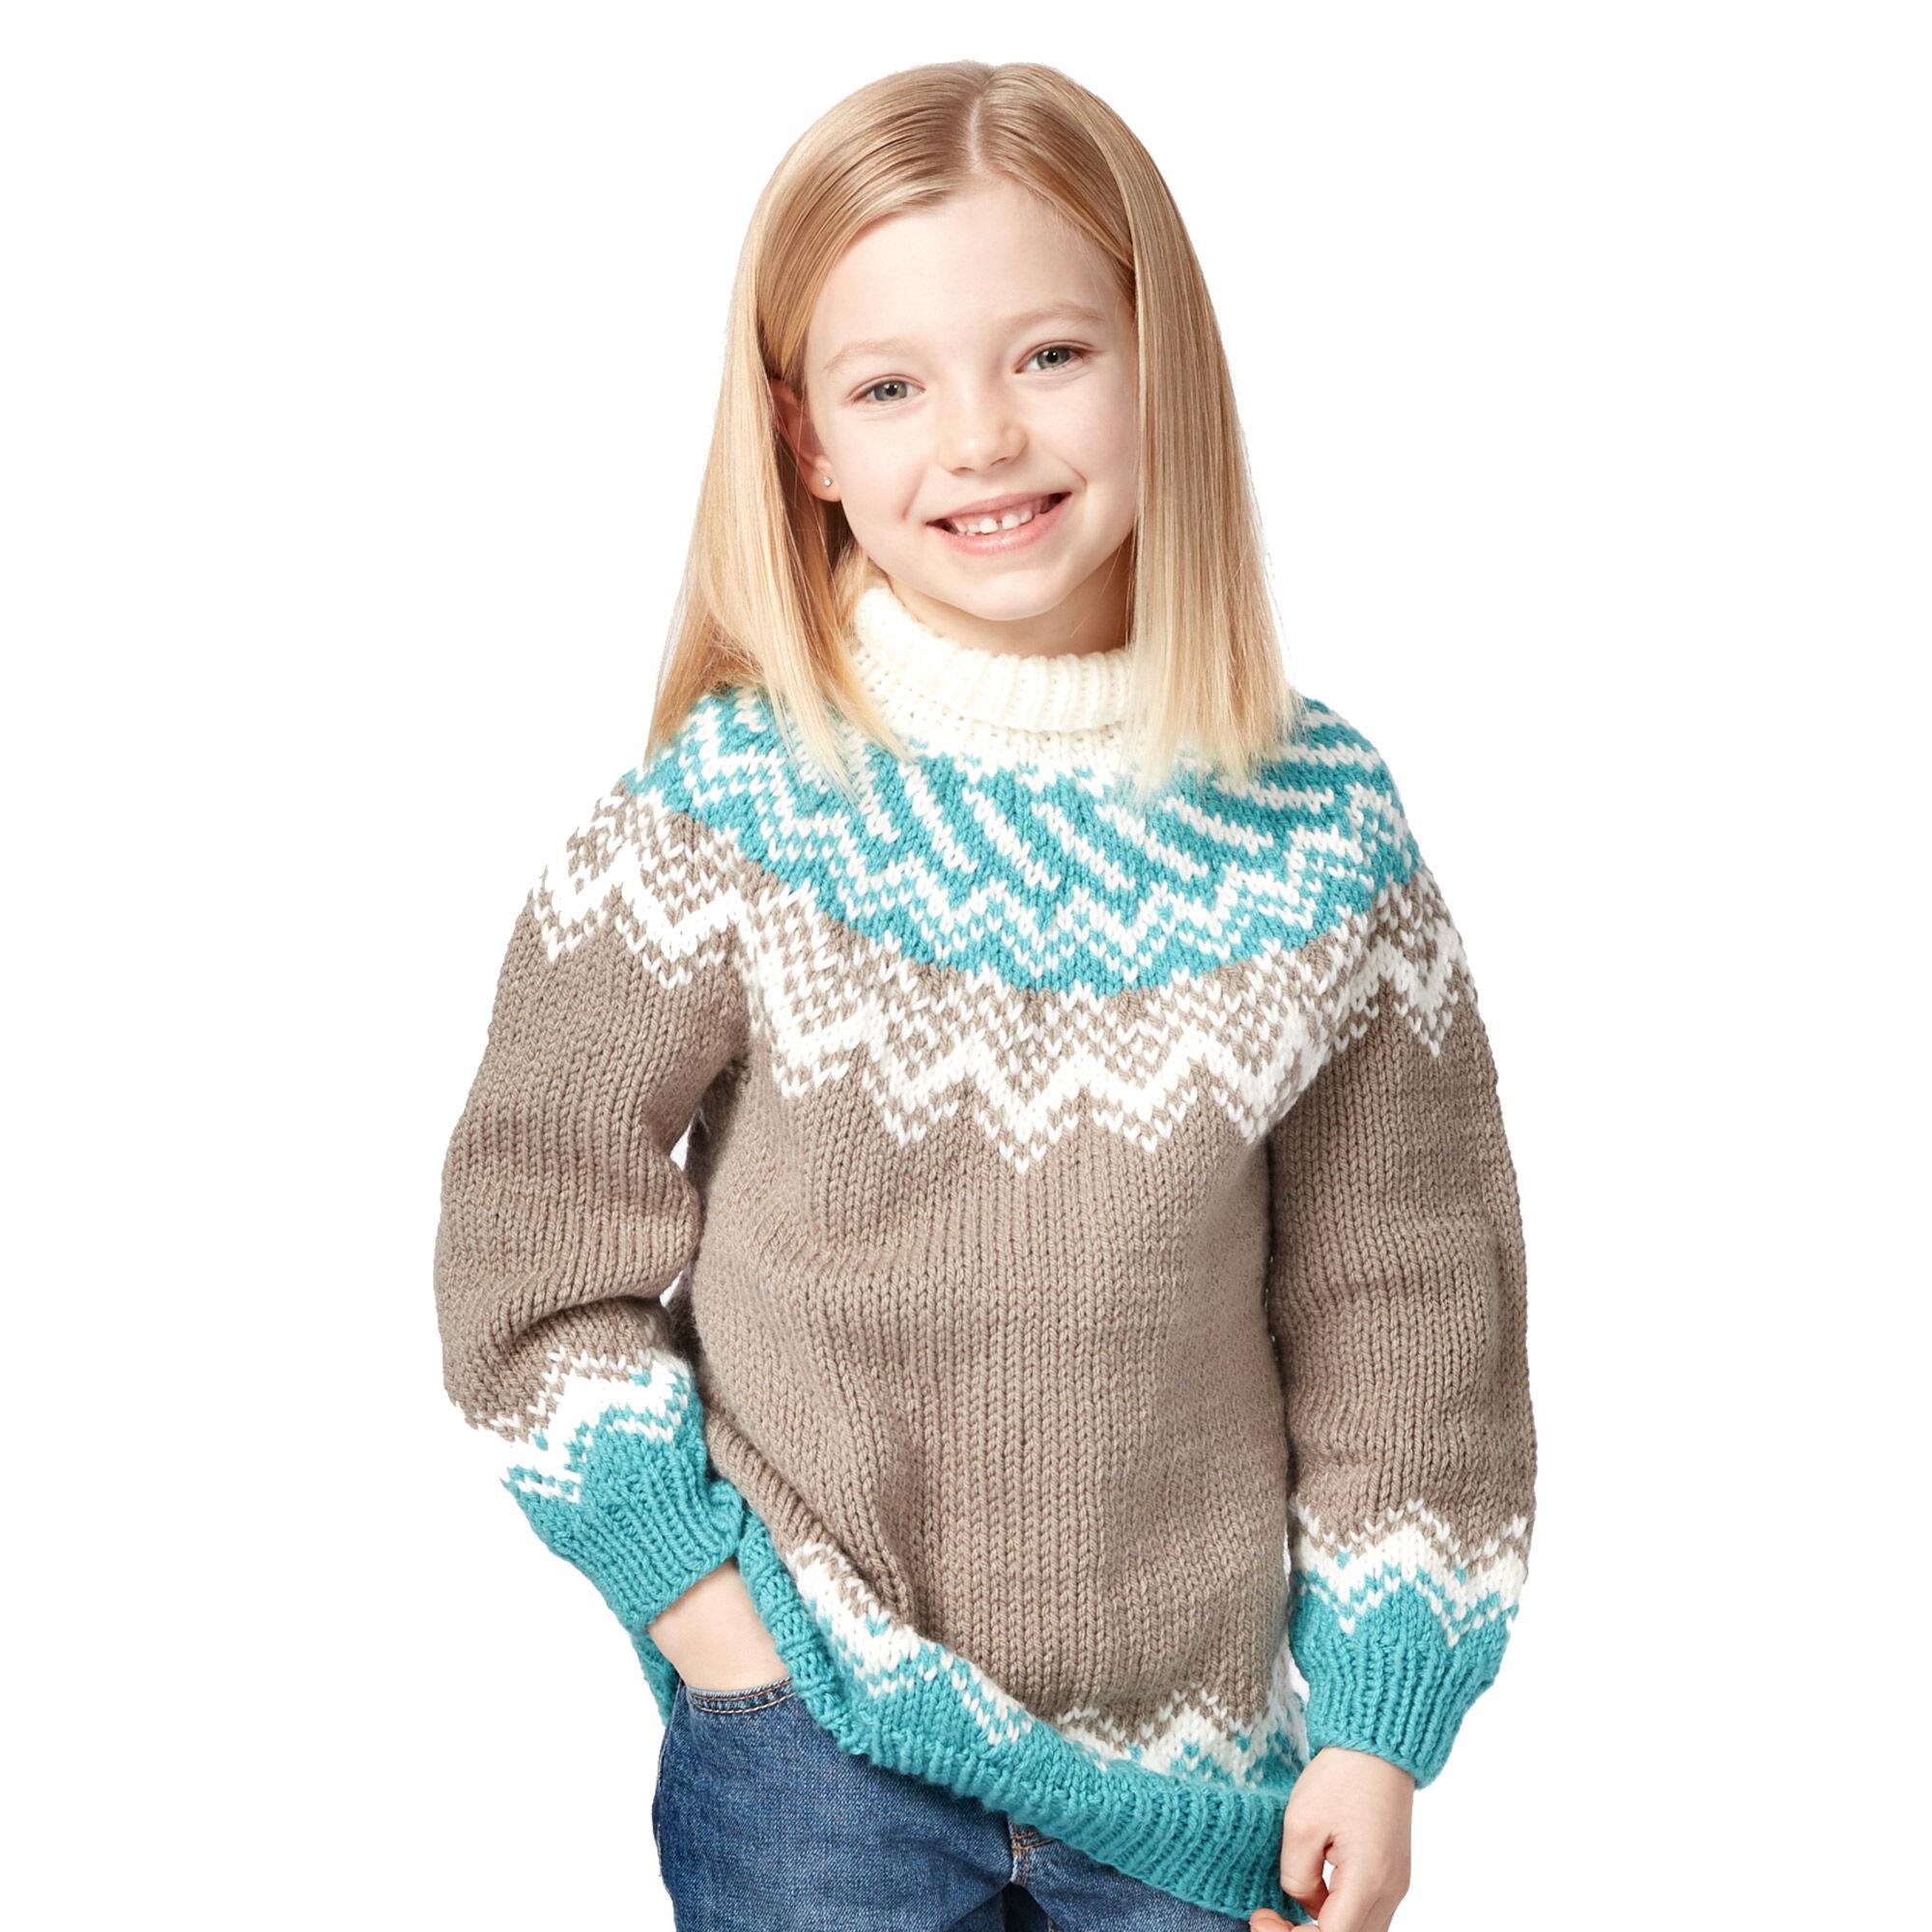 f89321010d57 ... Bernat Knit Fair Isle Yoke Sweater